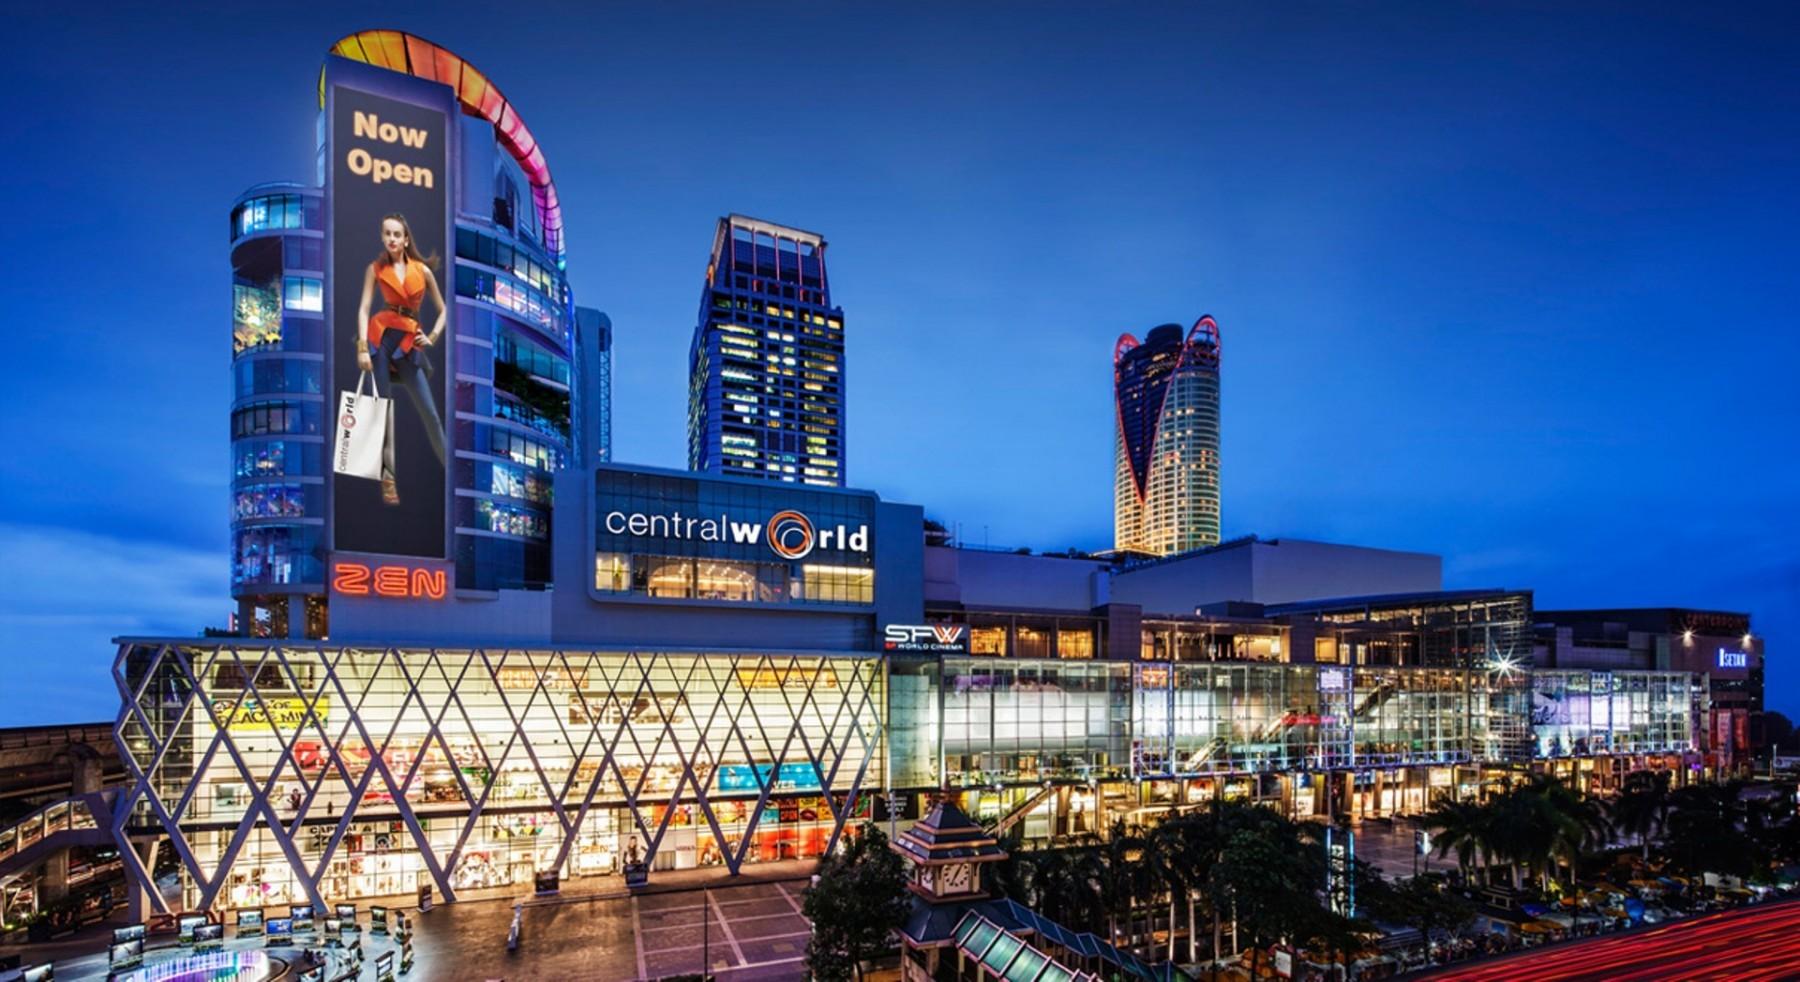 Central world แหล่ง shopping ใจกลางเมือง โลเคชั่นโปรดของใครหลายๆคน